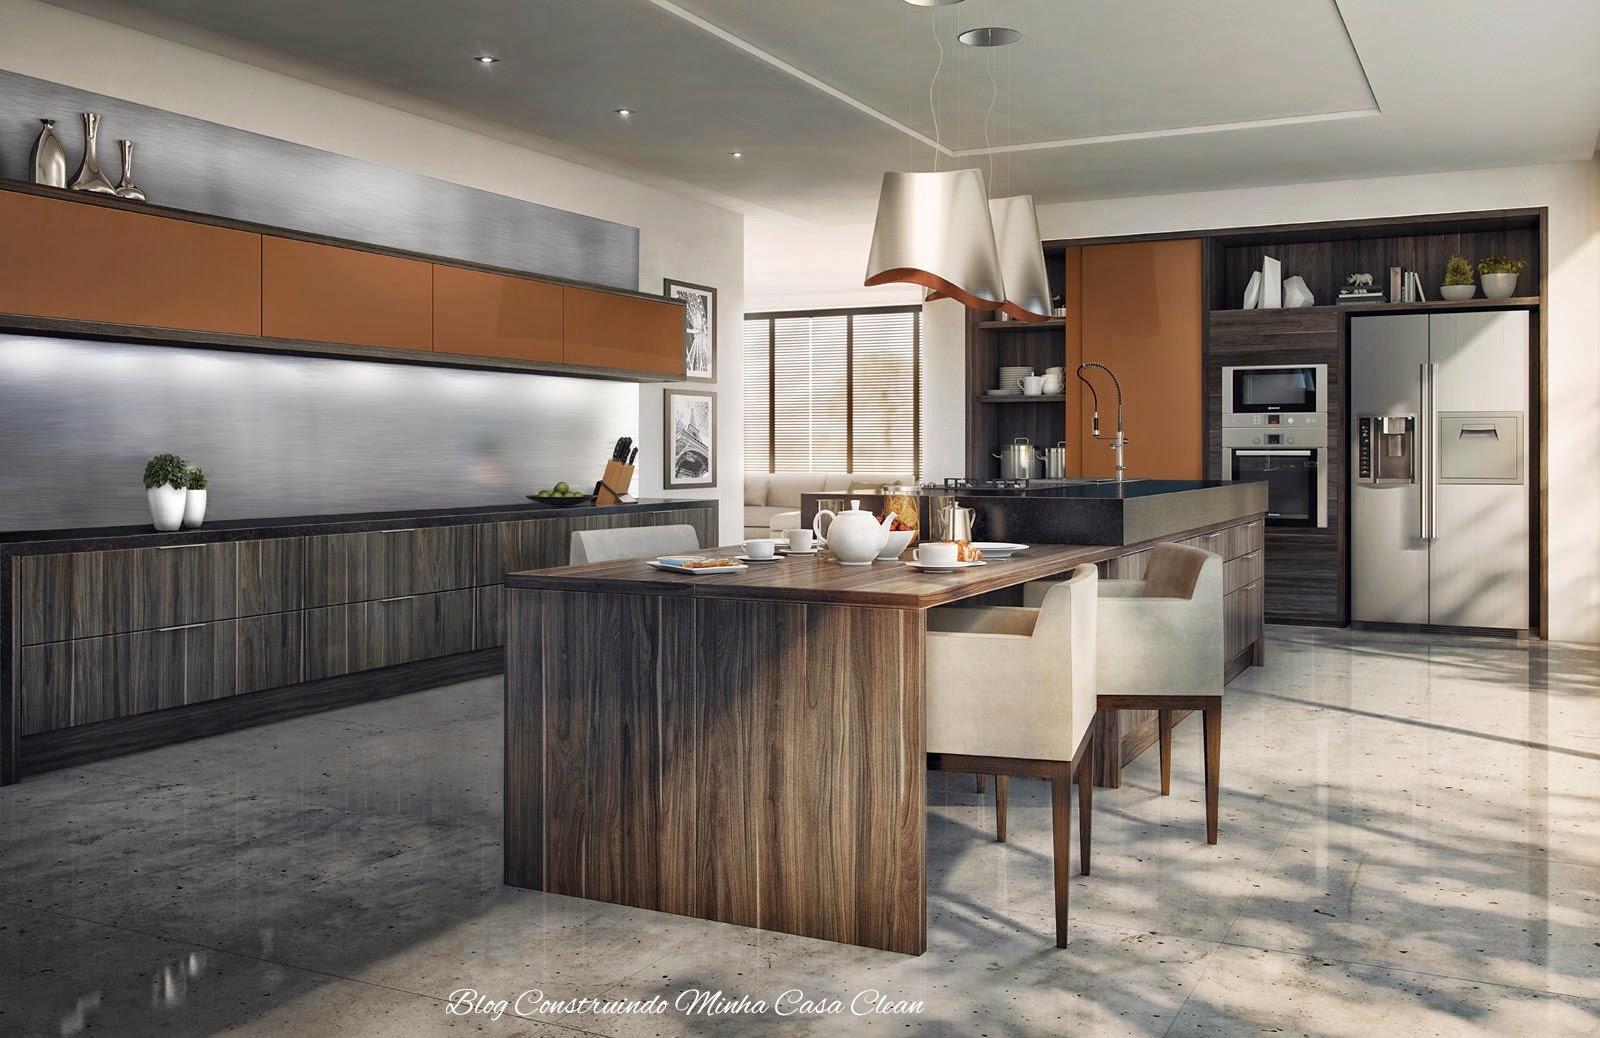 Sala De Jantar Todeschini ~ Construindo Minha Casa Clean Cozinhas Modernas com Cinza!!! Pequenas